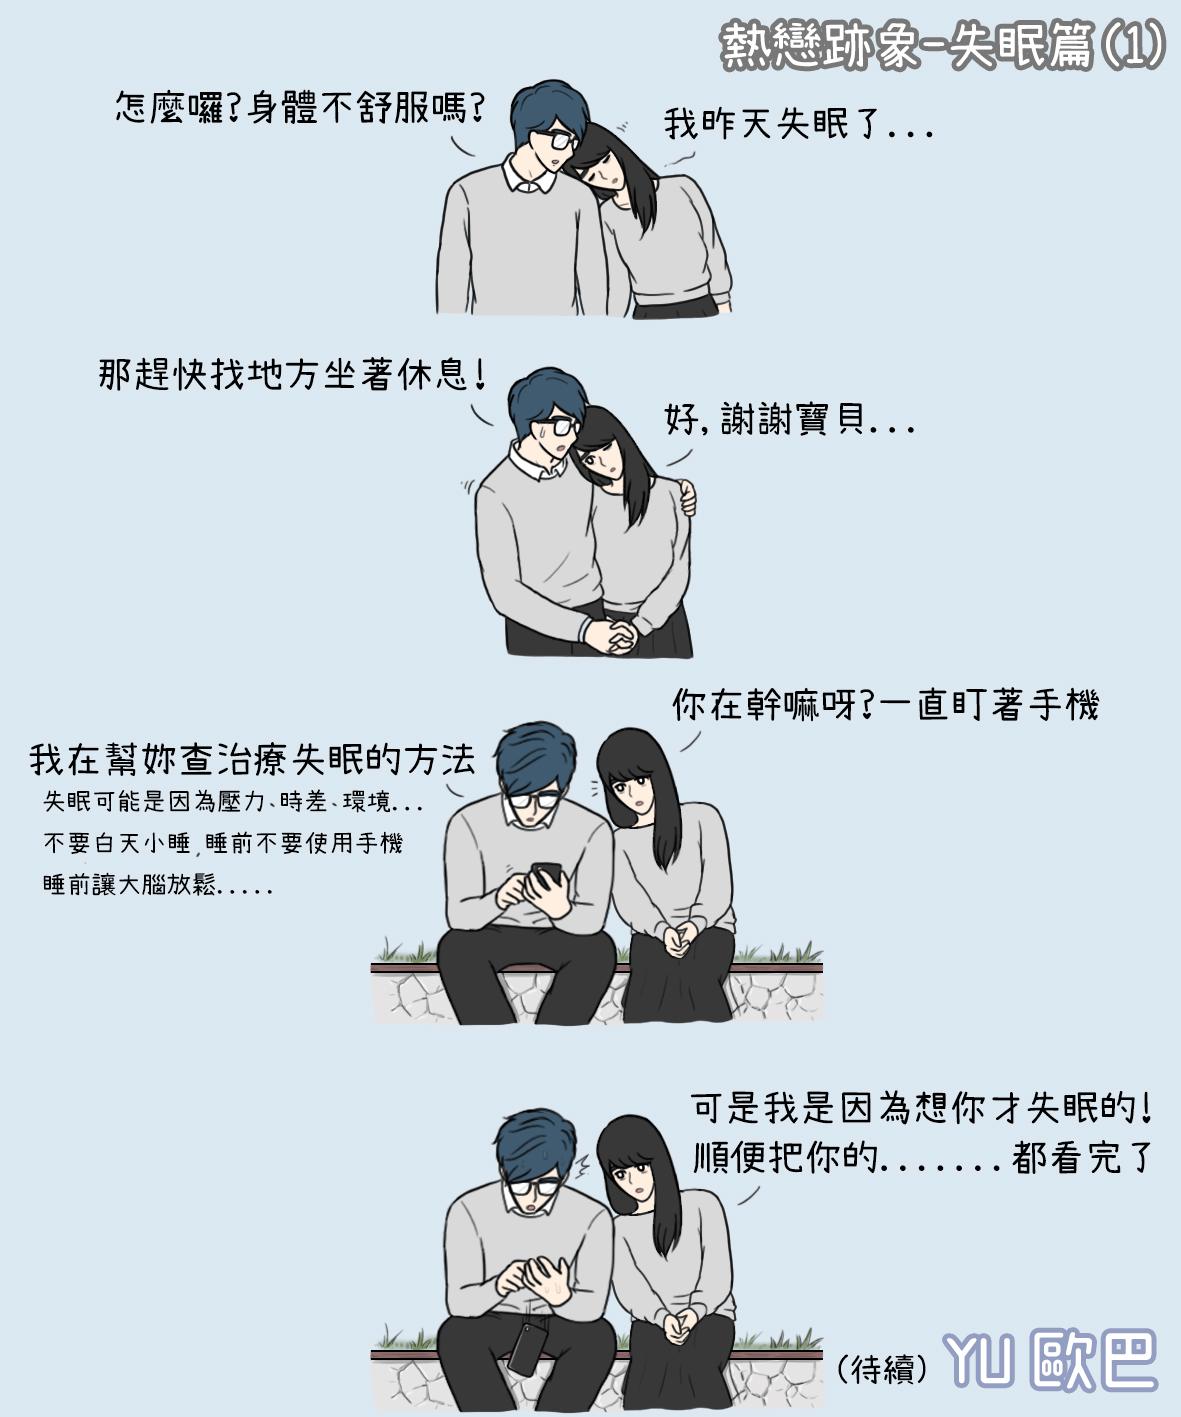 224熱戀跡象-失眠篇(1)中